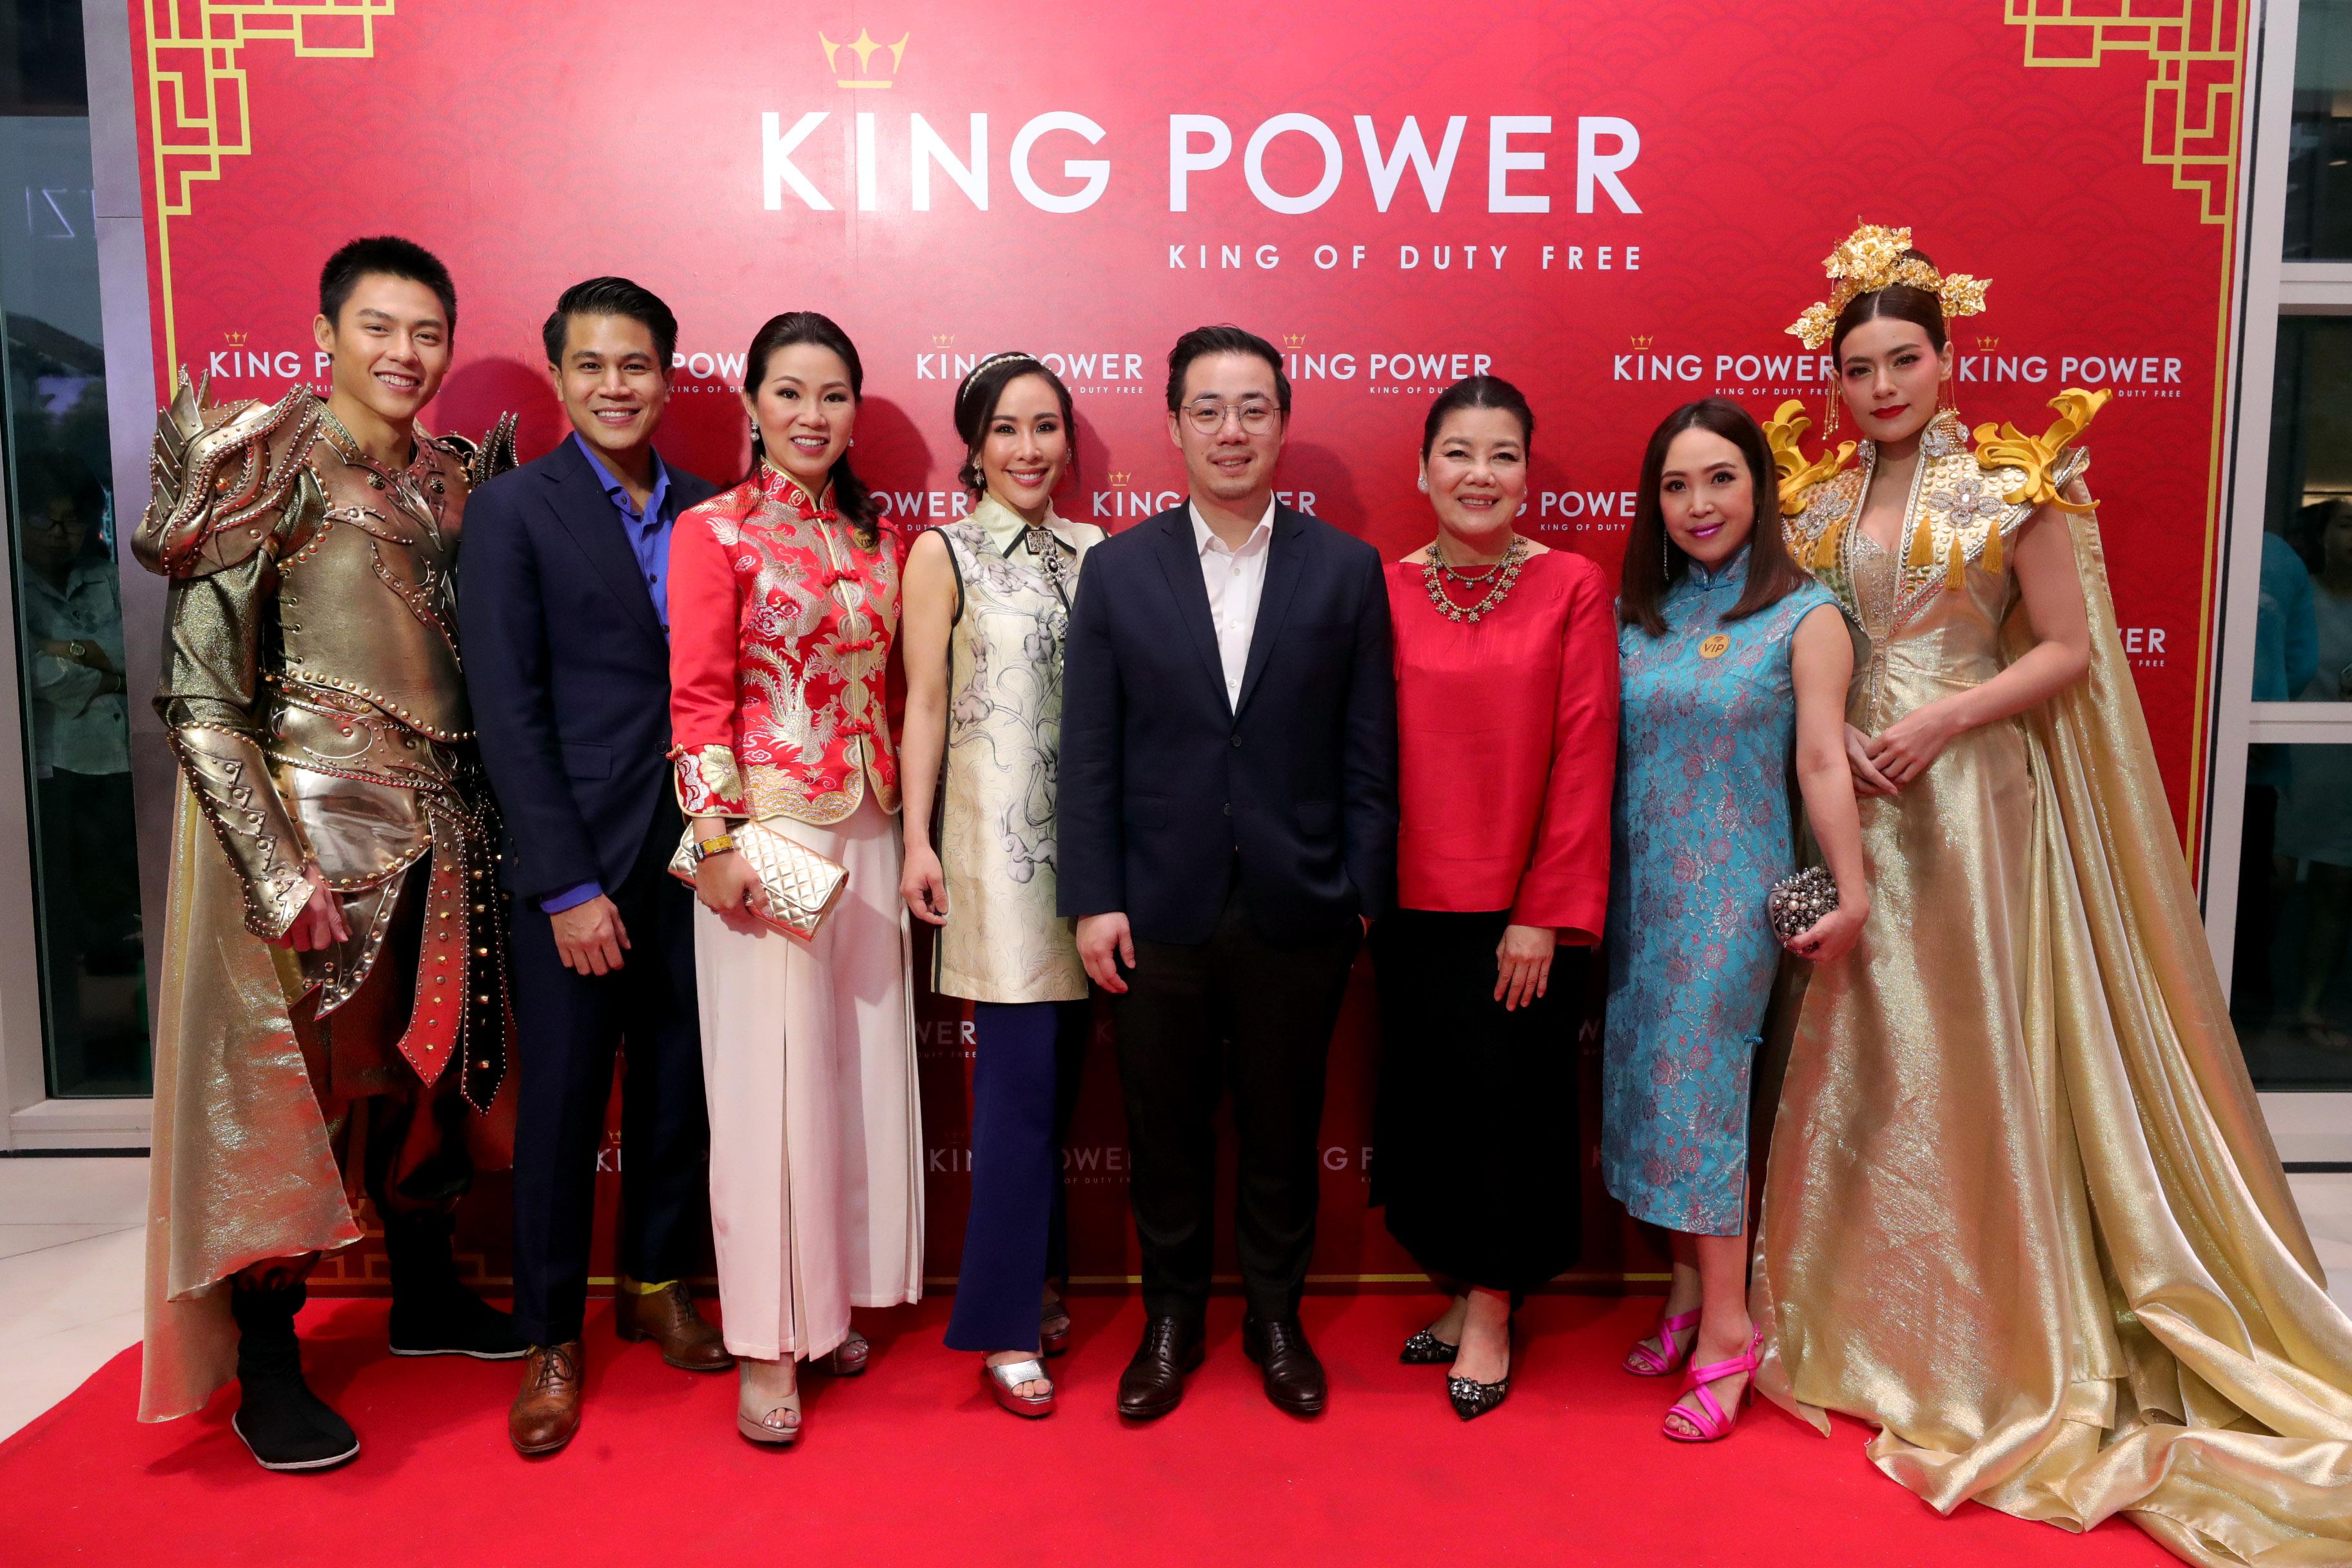 """คิง เพาเวอร์ รางน้ำ จัดงาน """"คิง เพาเวอร์ ไชนิส นิวเยียร์ ดิ เอ็นด์เลสส์ ไดนาสตี้ 2018"""" เพื่อเฉลิมฉลองเทศกาลตรุษจีนปีจอมหามงคล"""